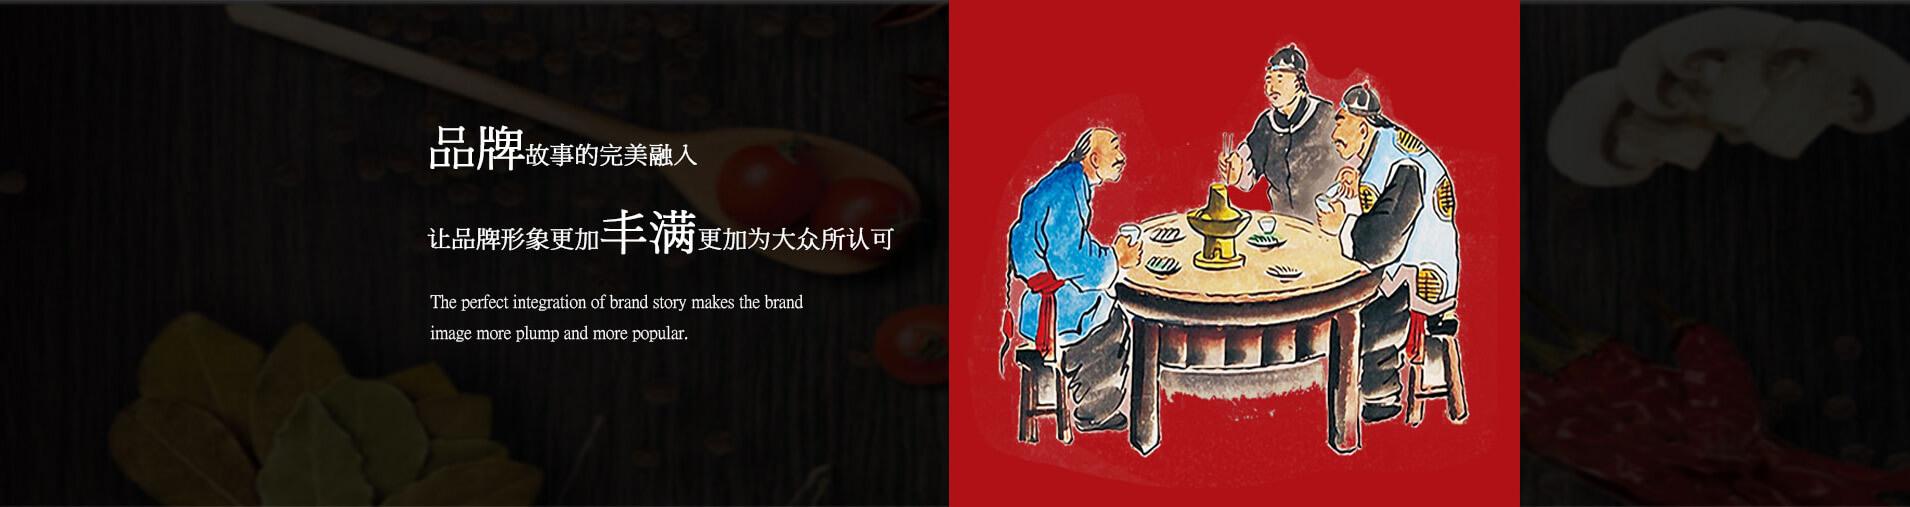 餐饮品牌优发娱乐平台下载制作